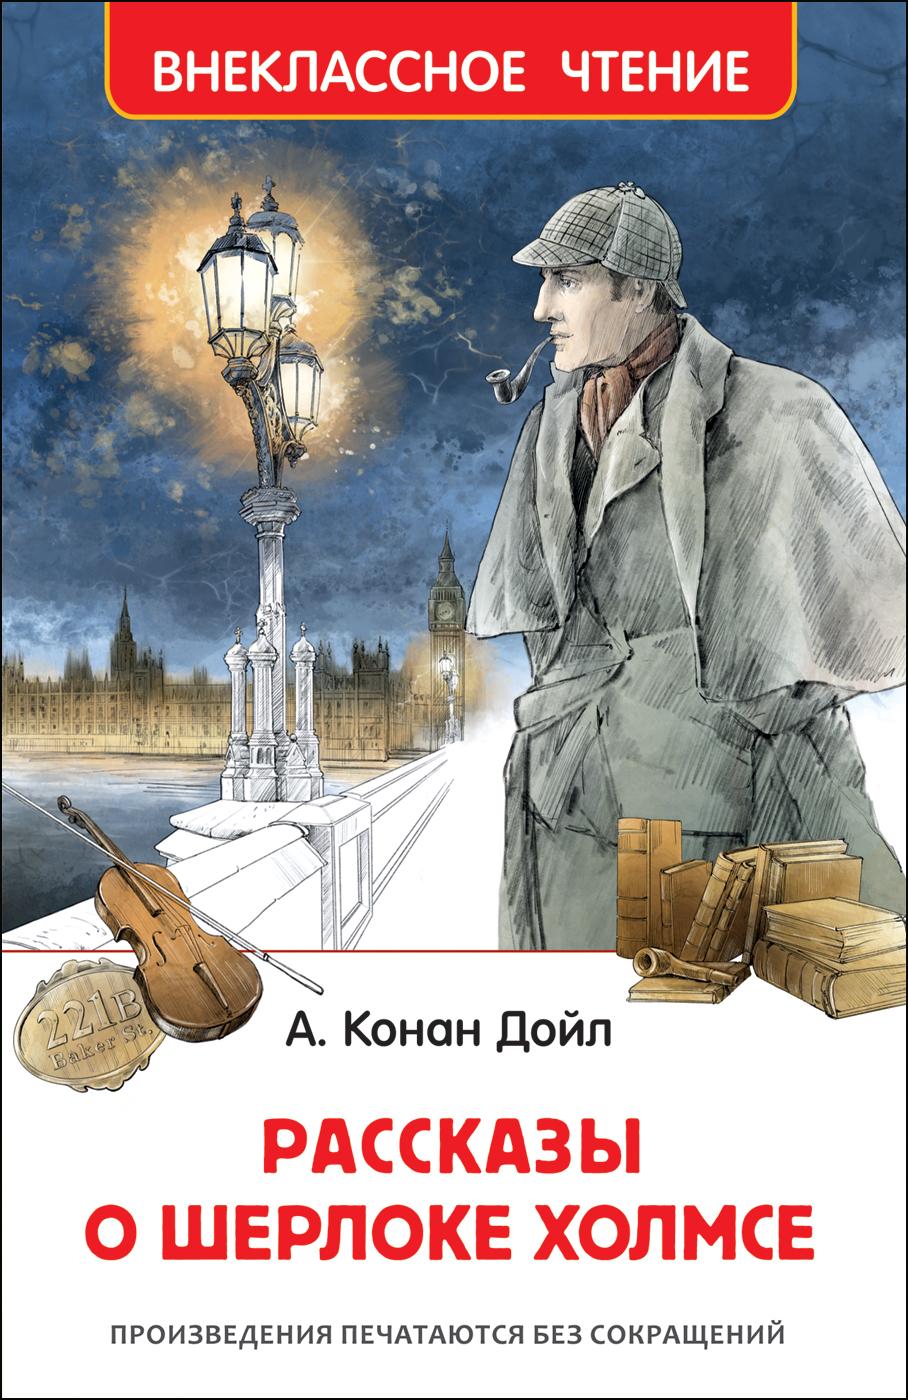 Дойл А.-К.. Дойл А.-К. Рассказы о Шерлоке Холмсе (ВЧ)